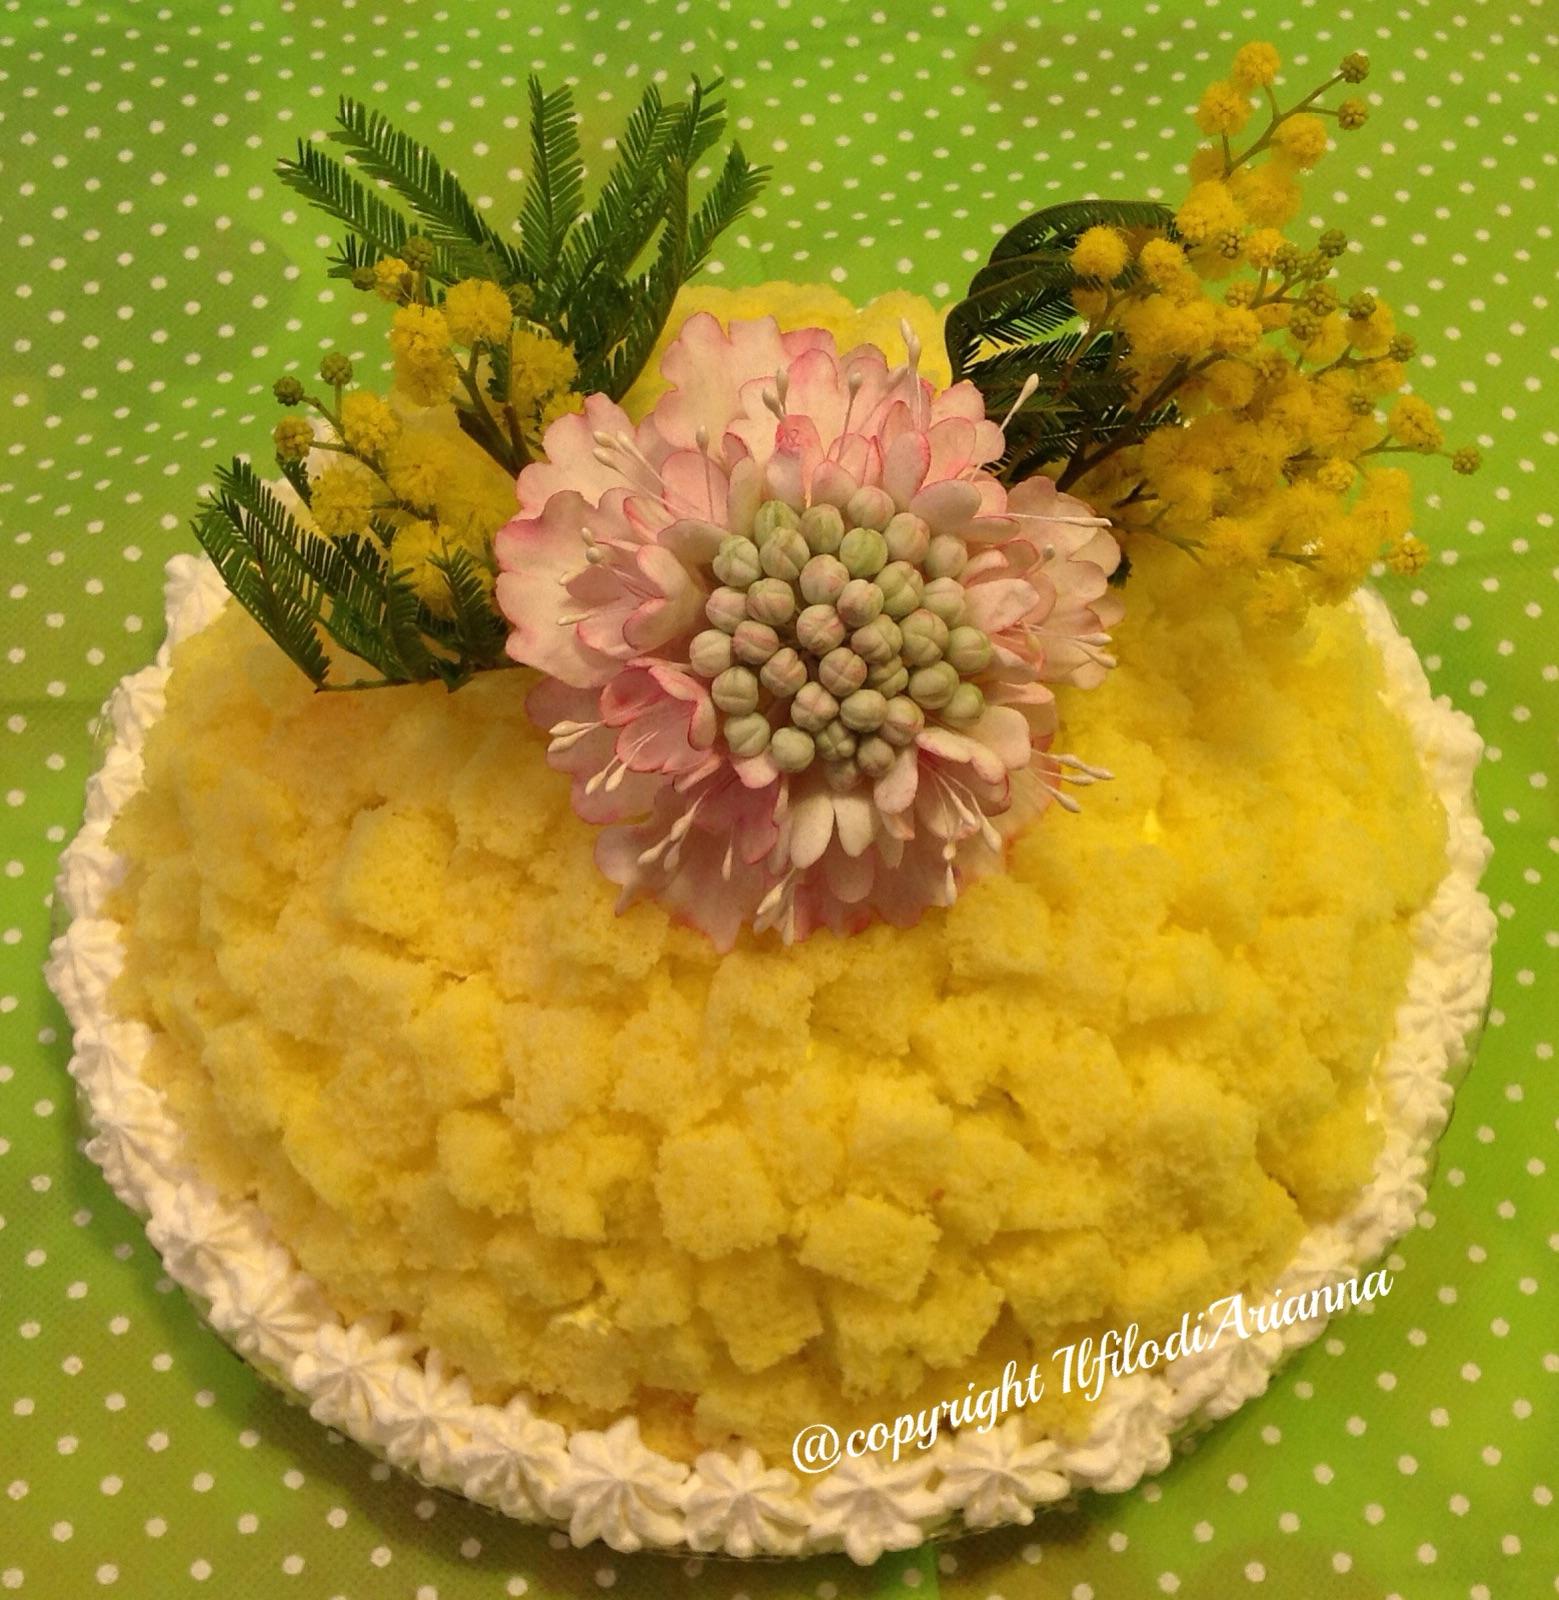 Torta mimosa per l'8 marzo festa della donna